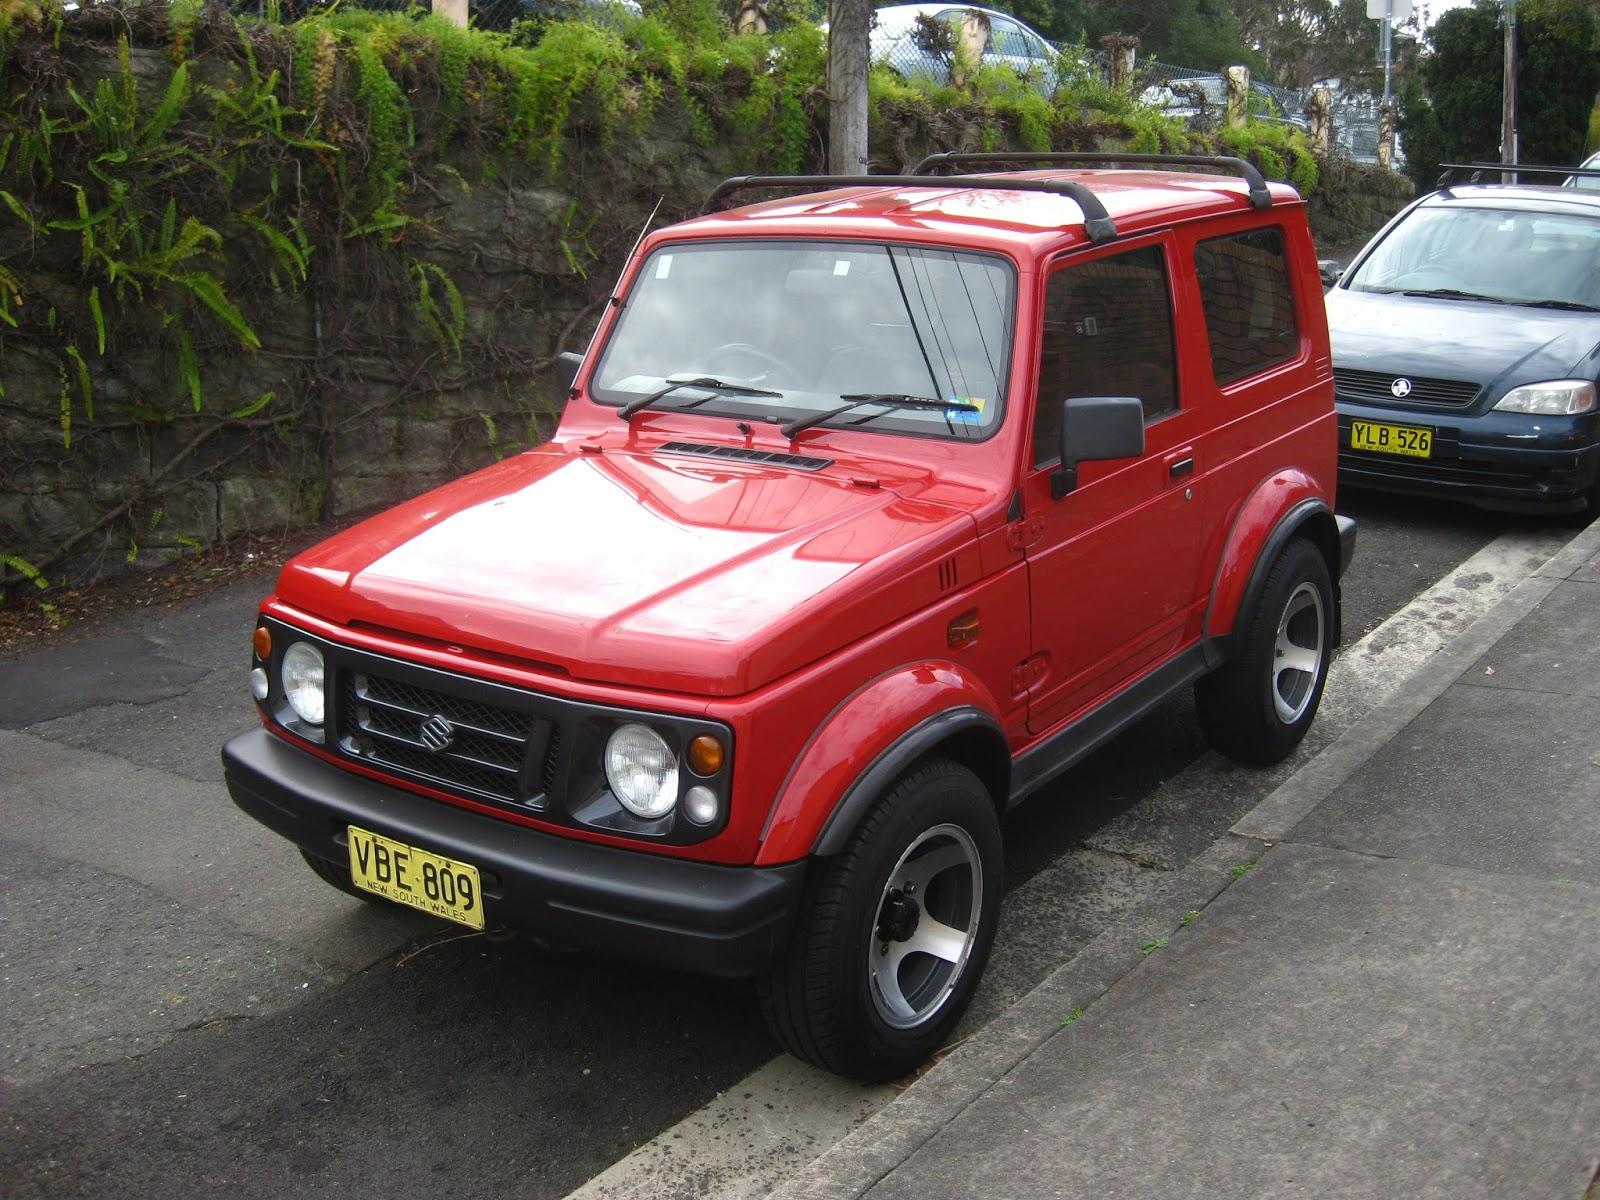 Aussie Old Parked Cars 1998 Suzuki Sierra